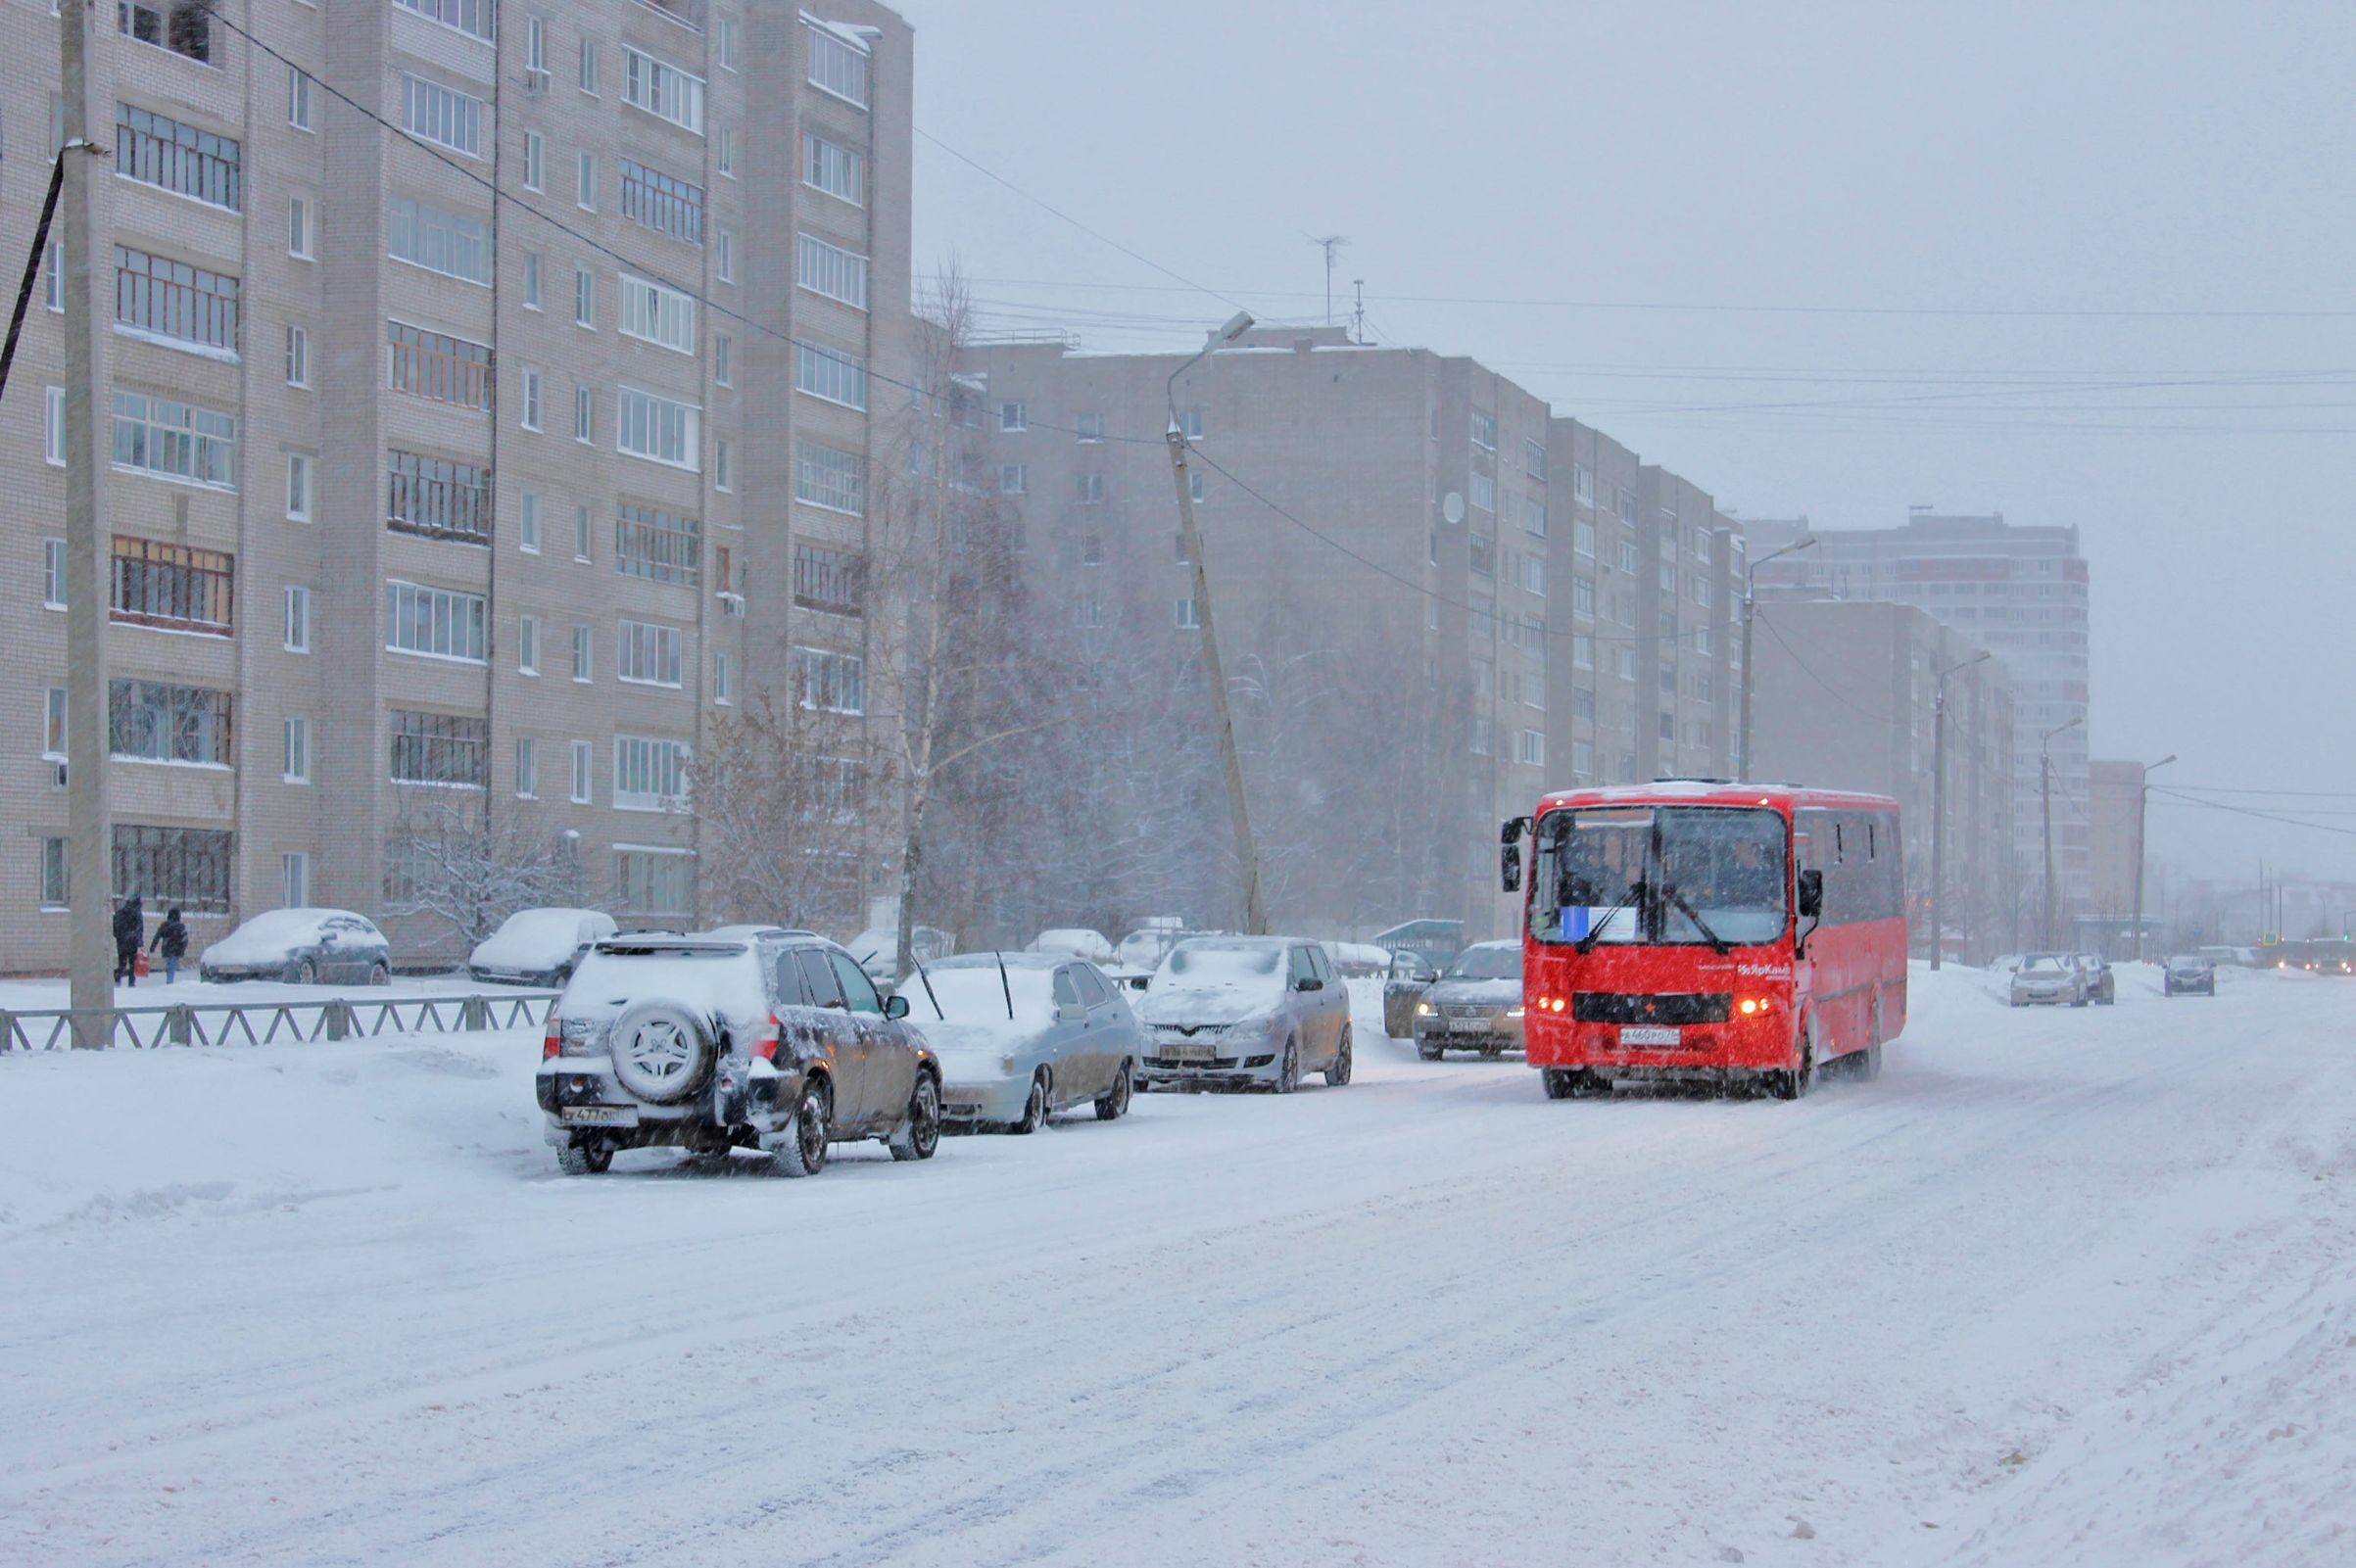 Норское и центр свяжет новый автобусный маршрут